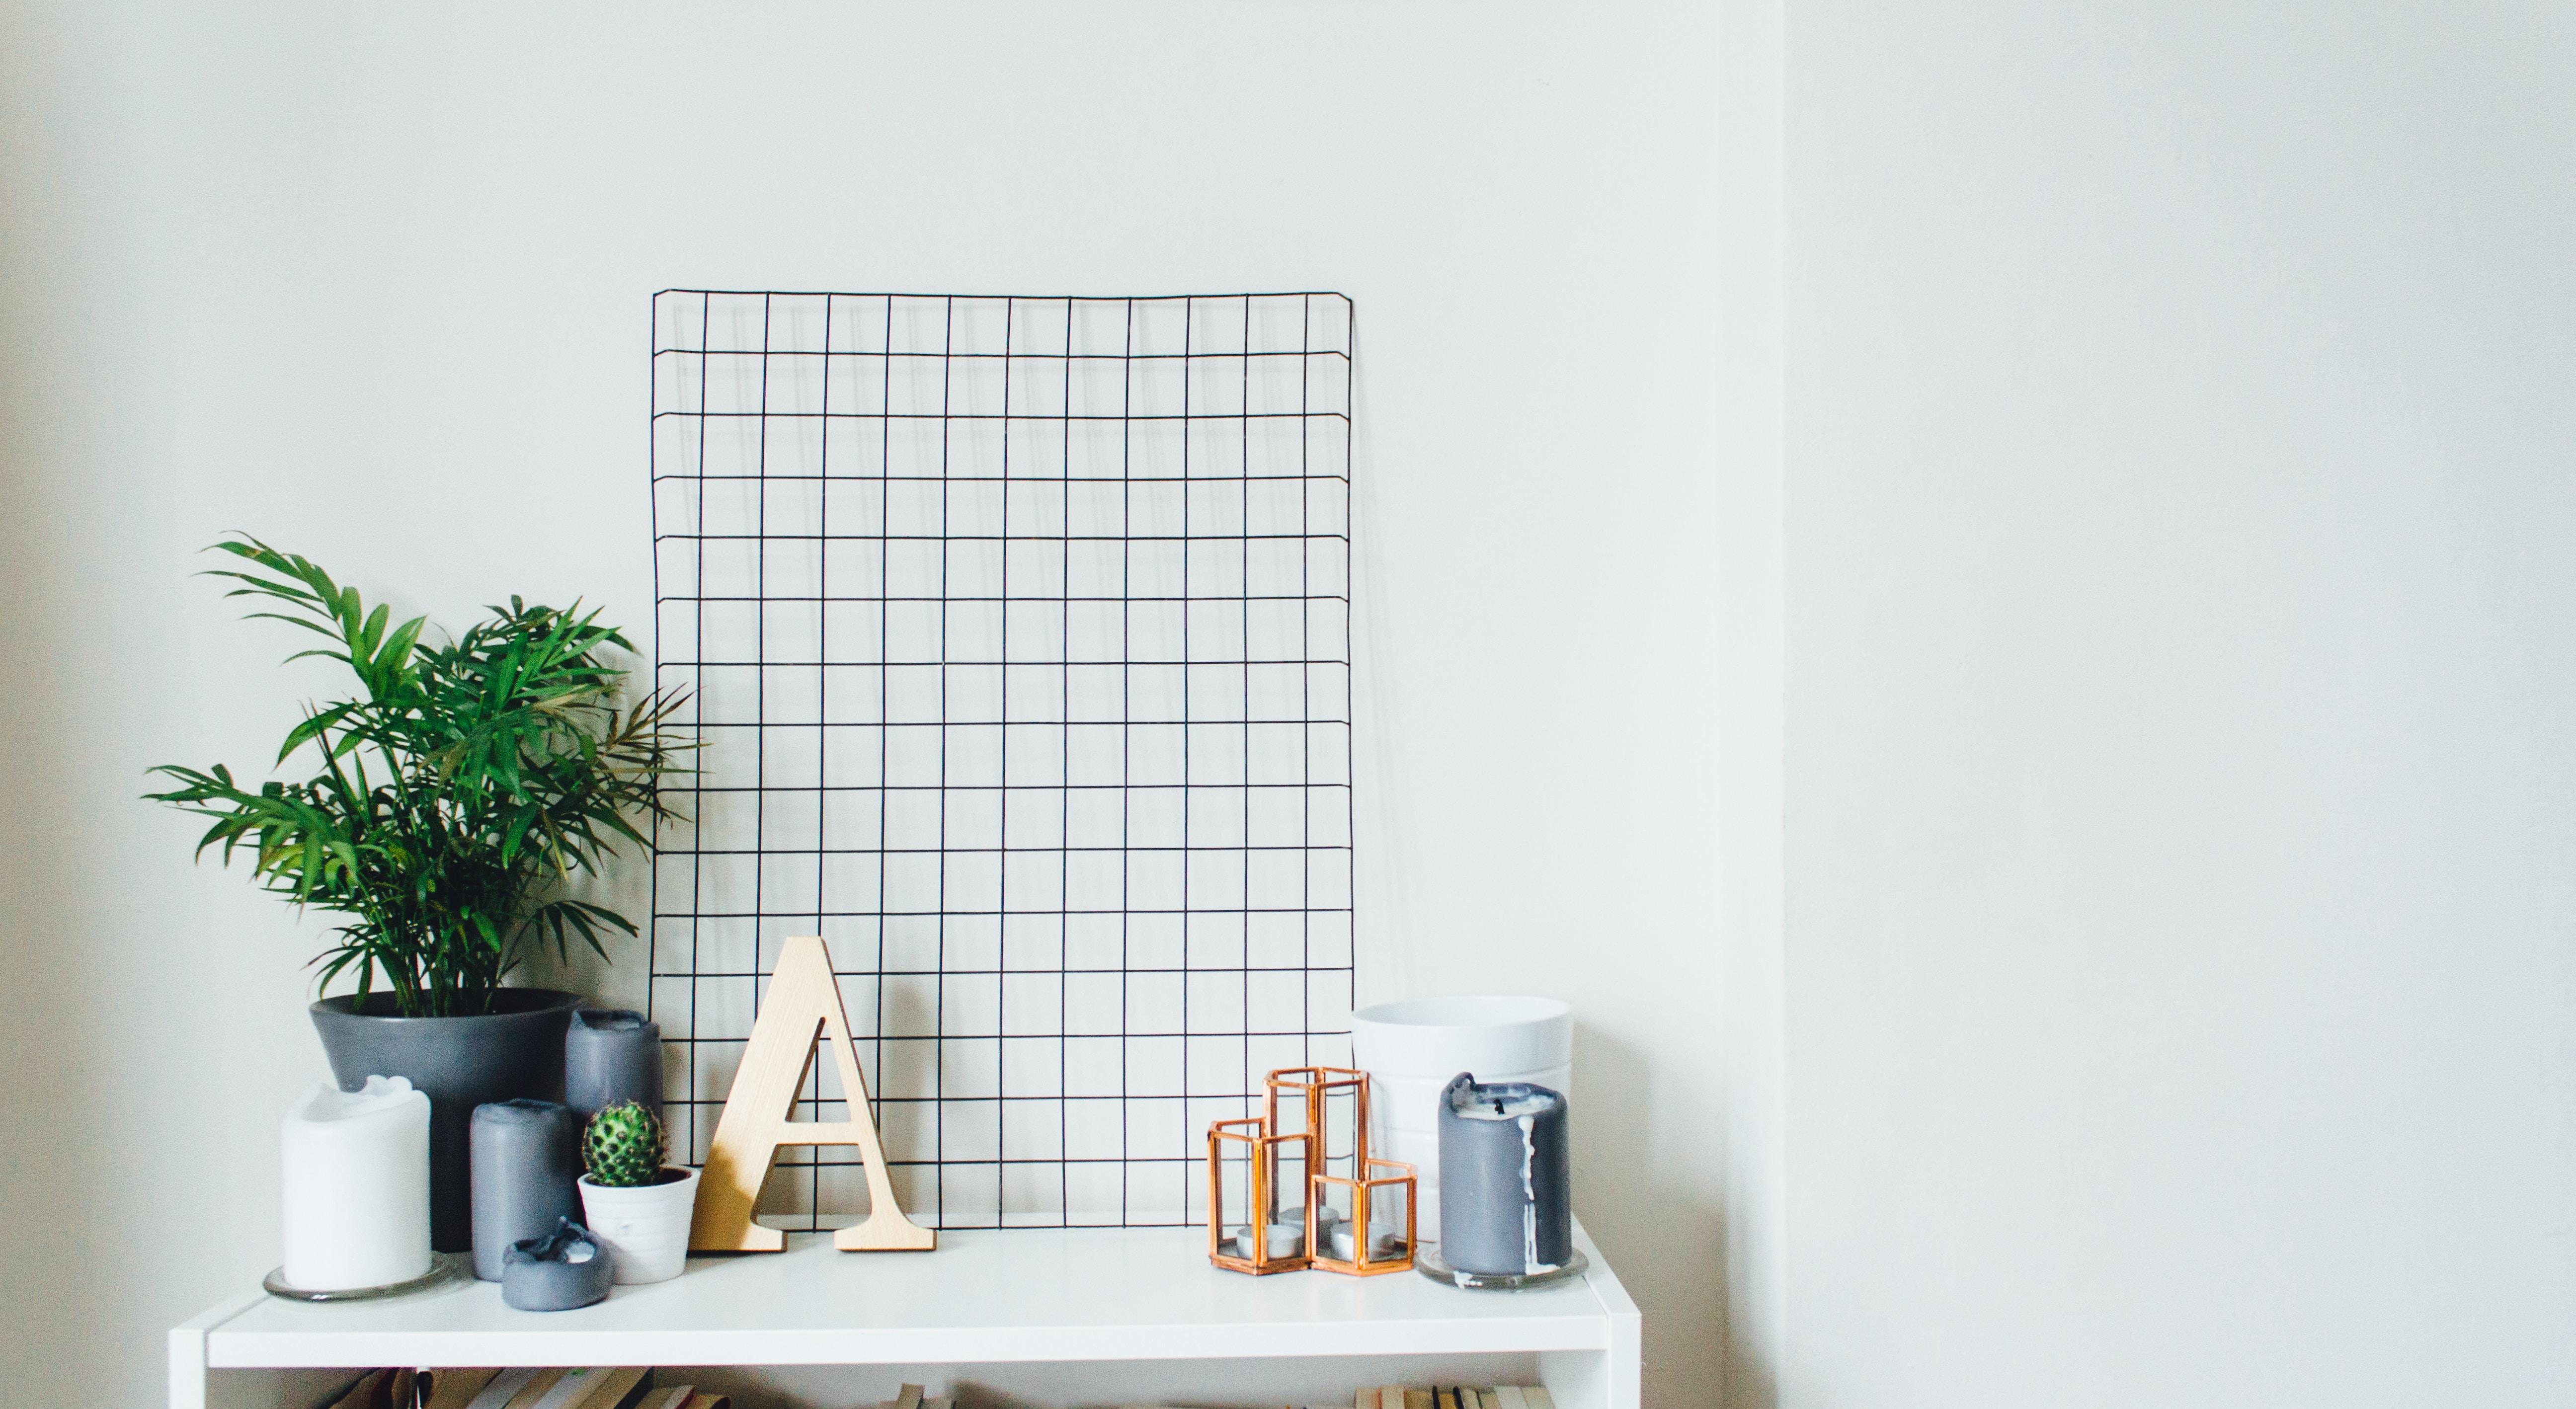 Ideias de decoração para viver numa casa tranquila / Photo by John Mark Arnold on Unsplash